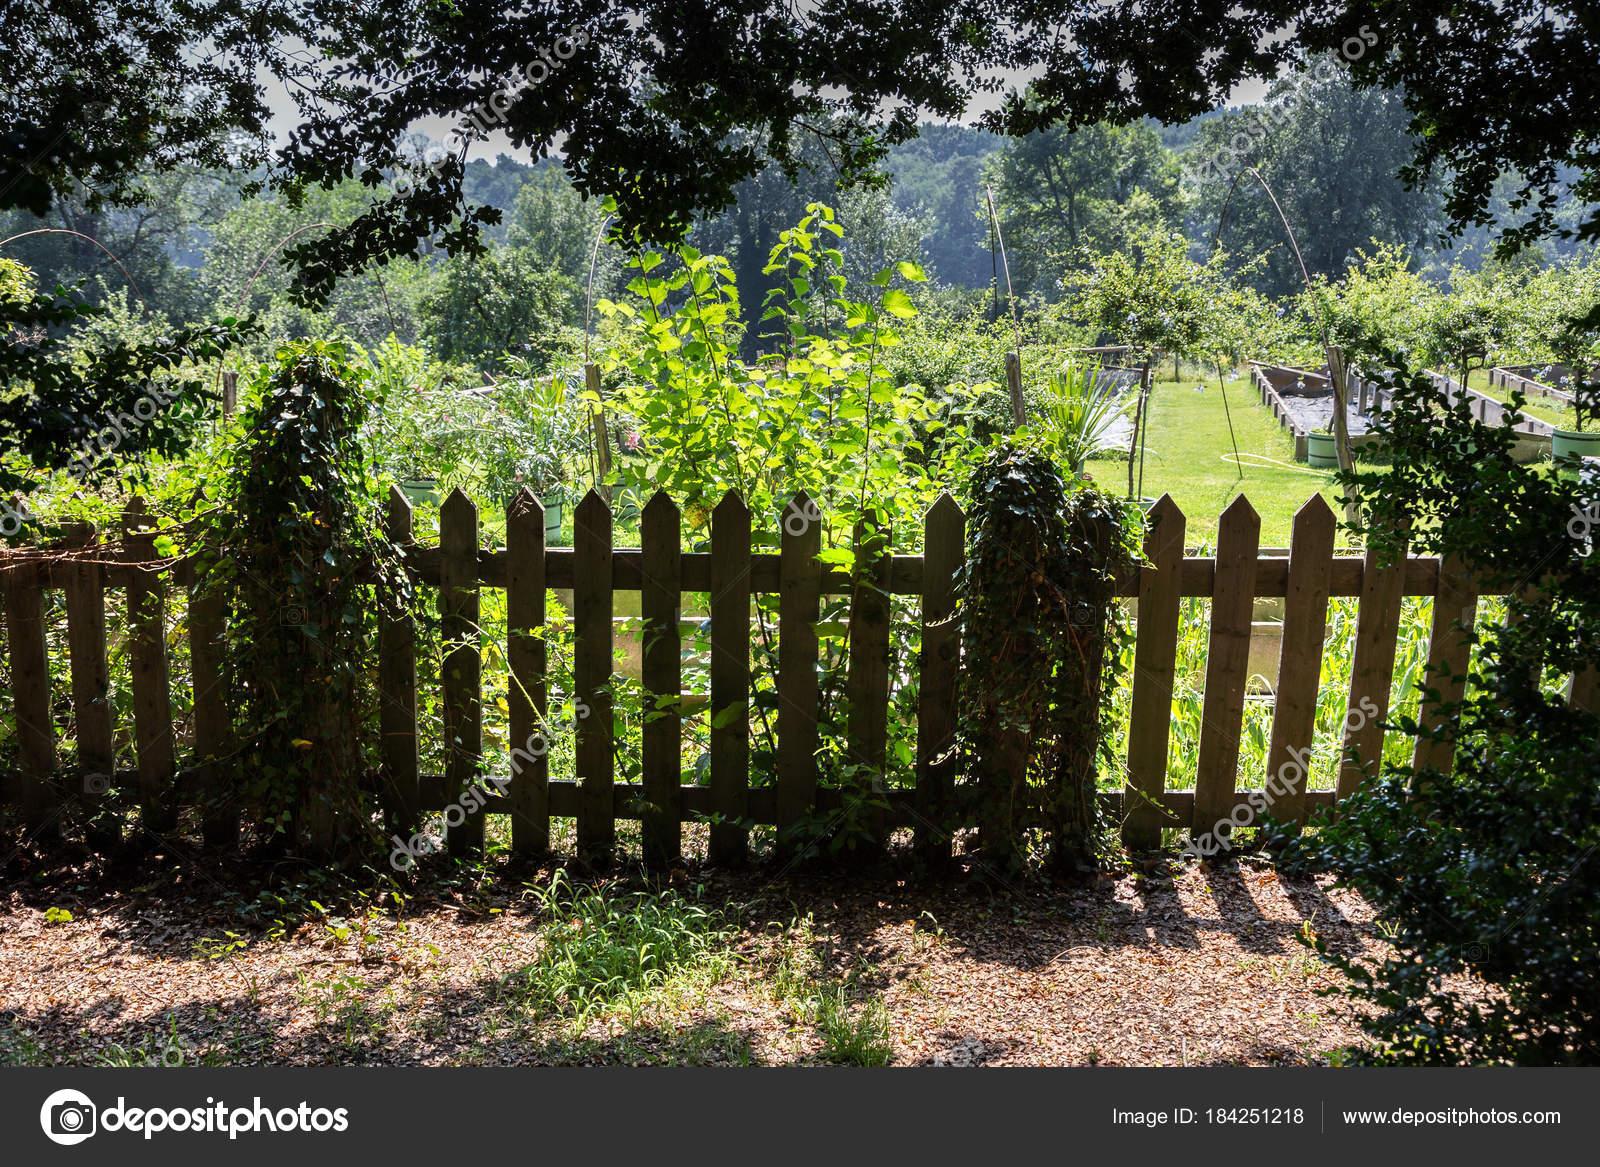 Doghe In Legno Per Cancelli : Vecchi cancelli legno doghe giorno tempo colore scattata u foto